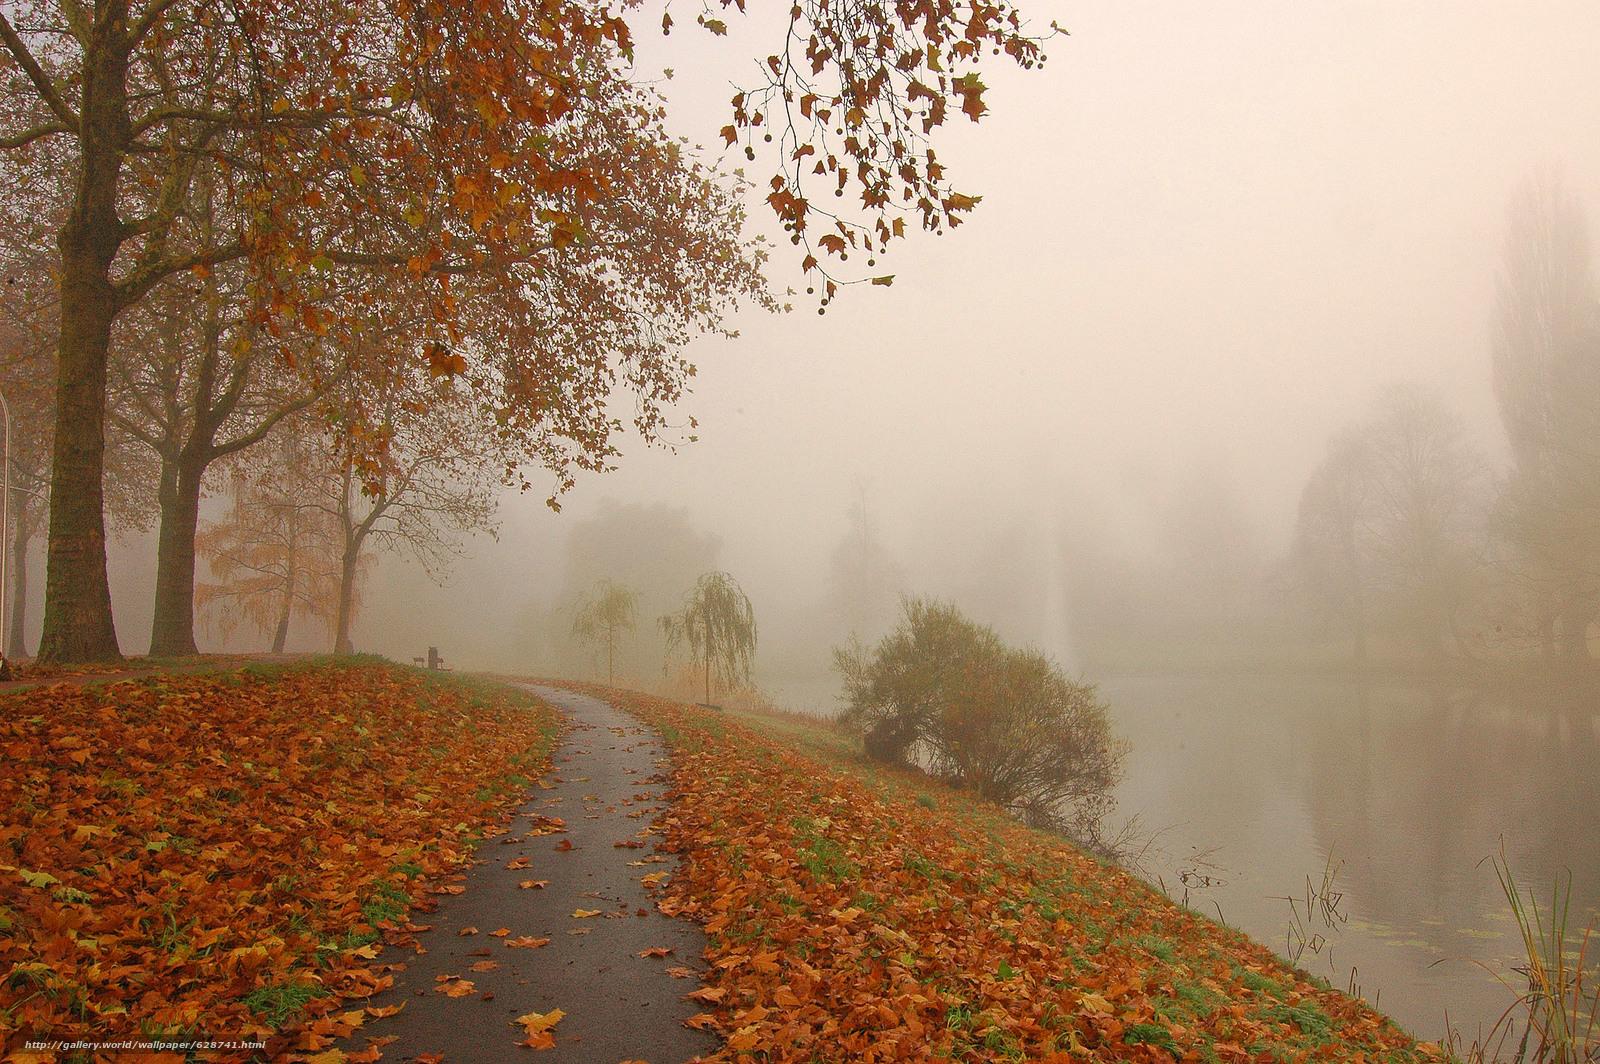 parque, canal, estrada, ?rvores, outono, nevoeiro, paisagem